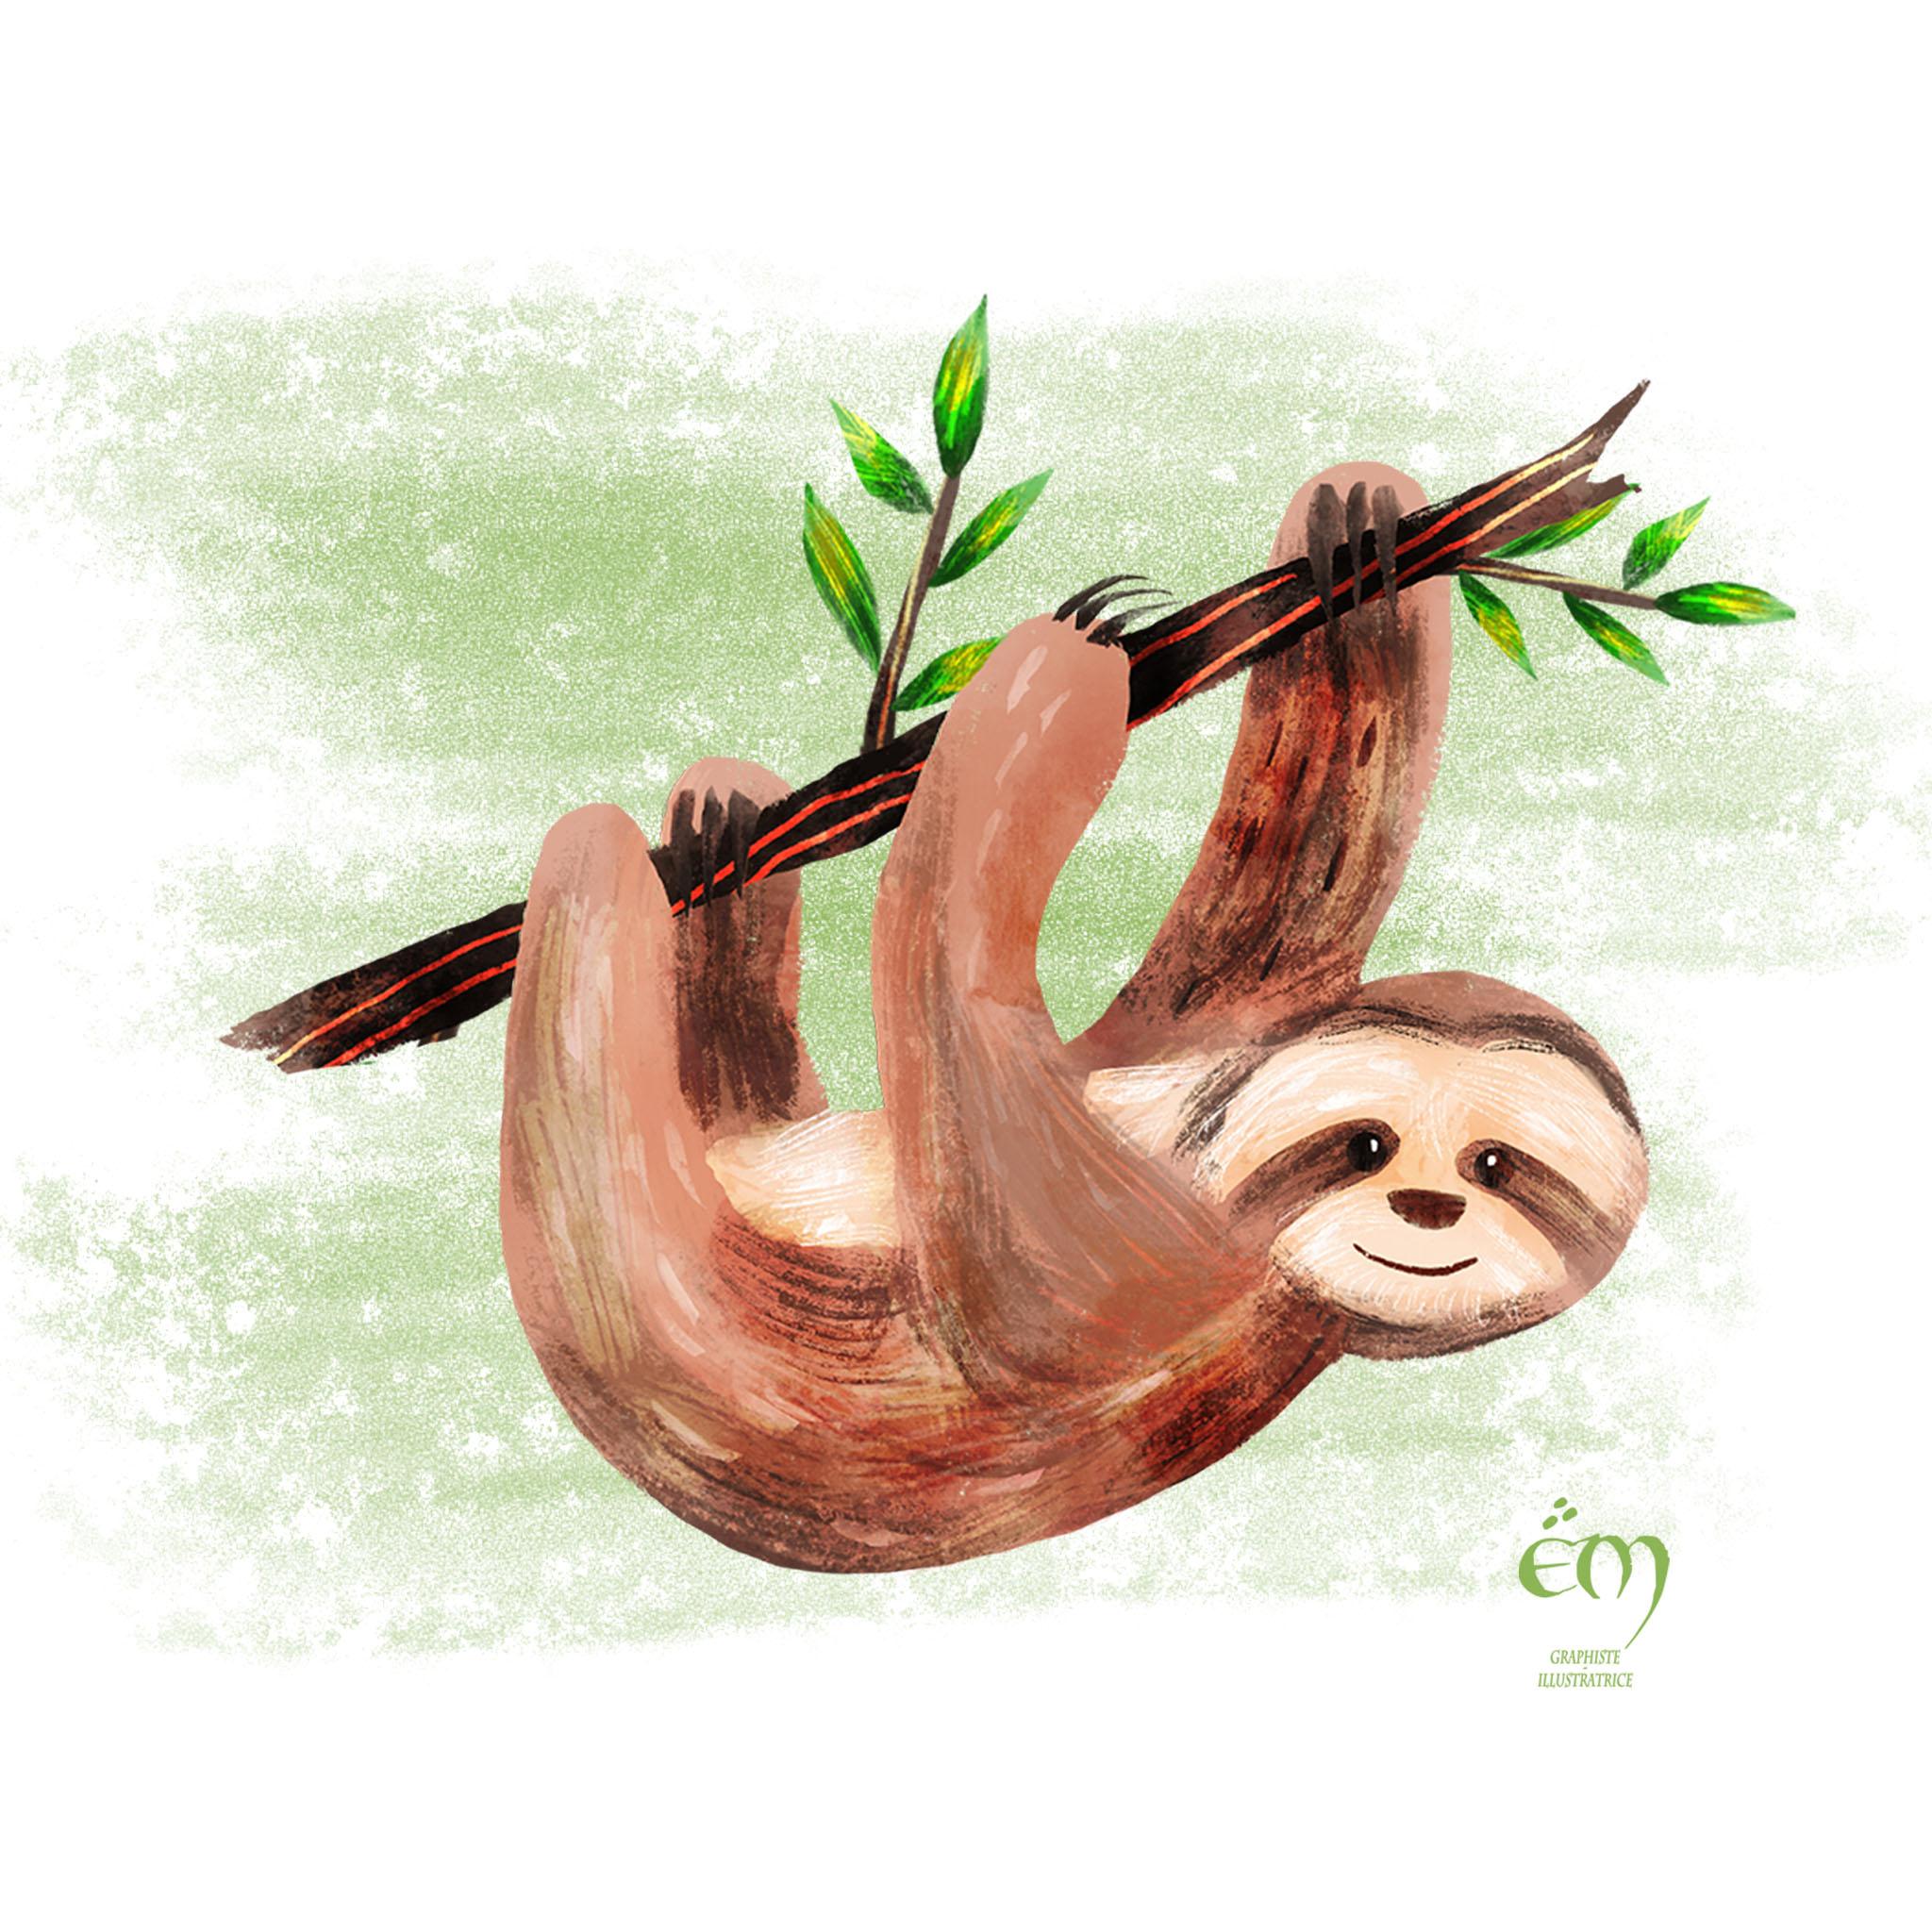 """ANIMAL ILLUSTRATION """"Un paresseux"""" Peinture numérique  """"A sloth"""" Digital painting"""